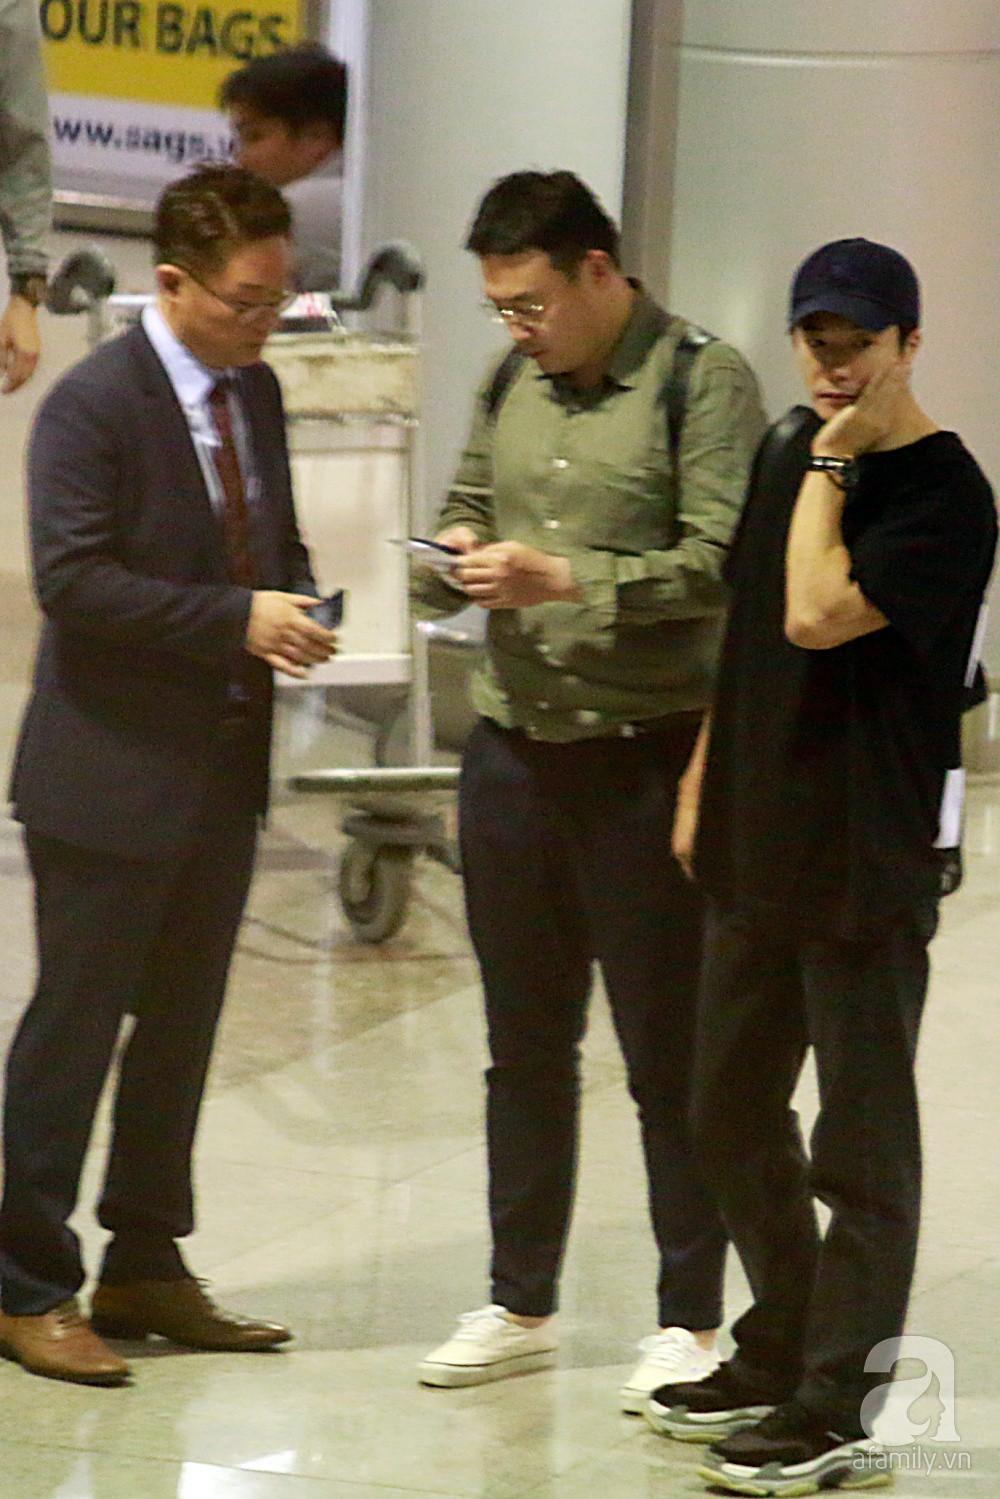 Chỉ diện quần jean áo phông đơn giản nhưng tài tử Kwon Sang Woo vẫn đẹp trai ngời ngời khi đáp chuyến bay muộn đến Việt Nam - Ảnh 2.